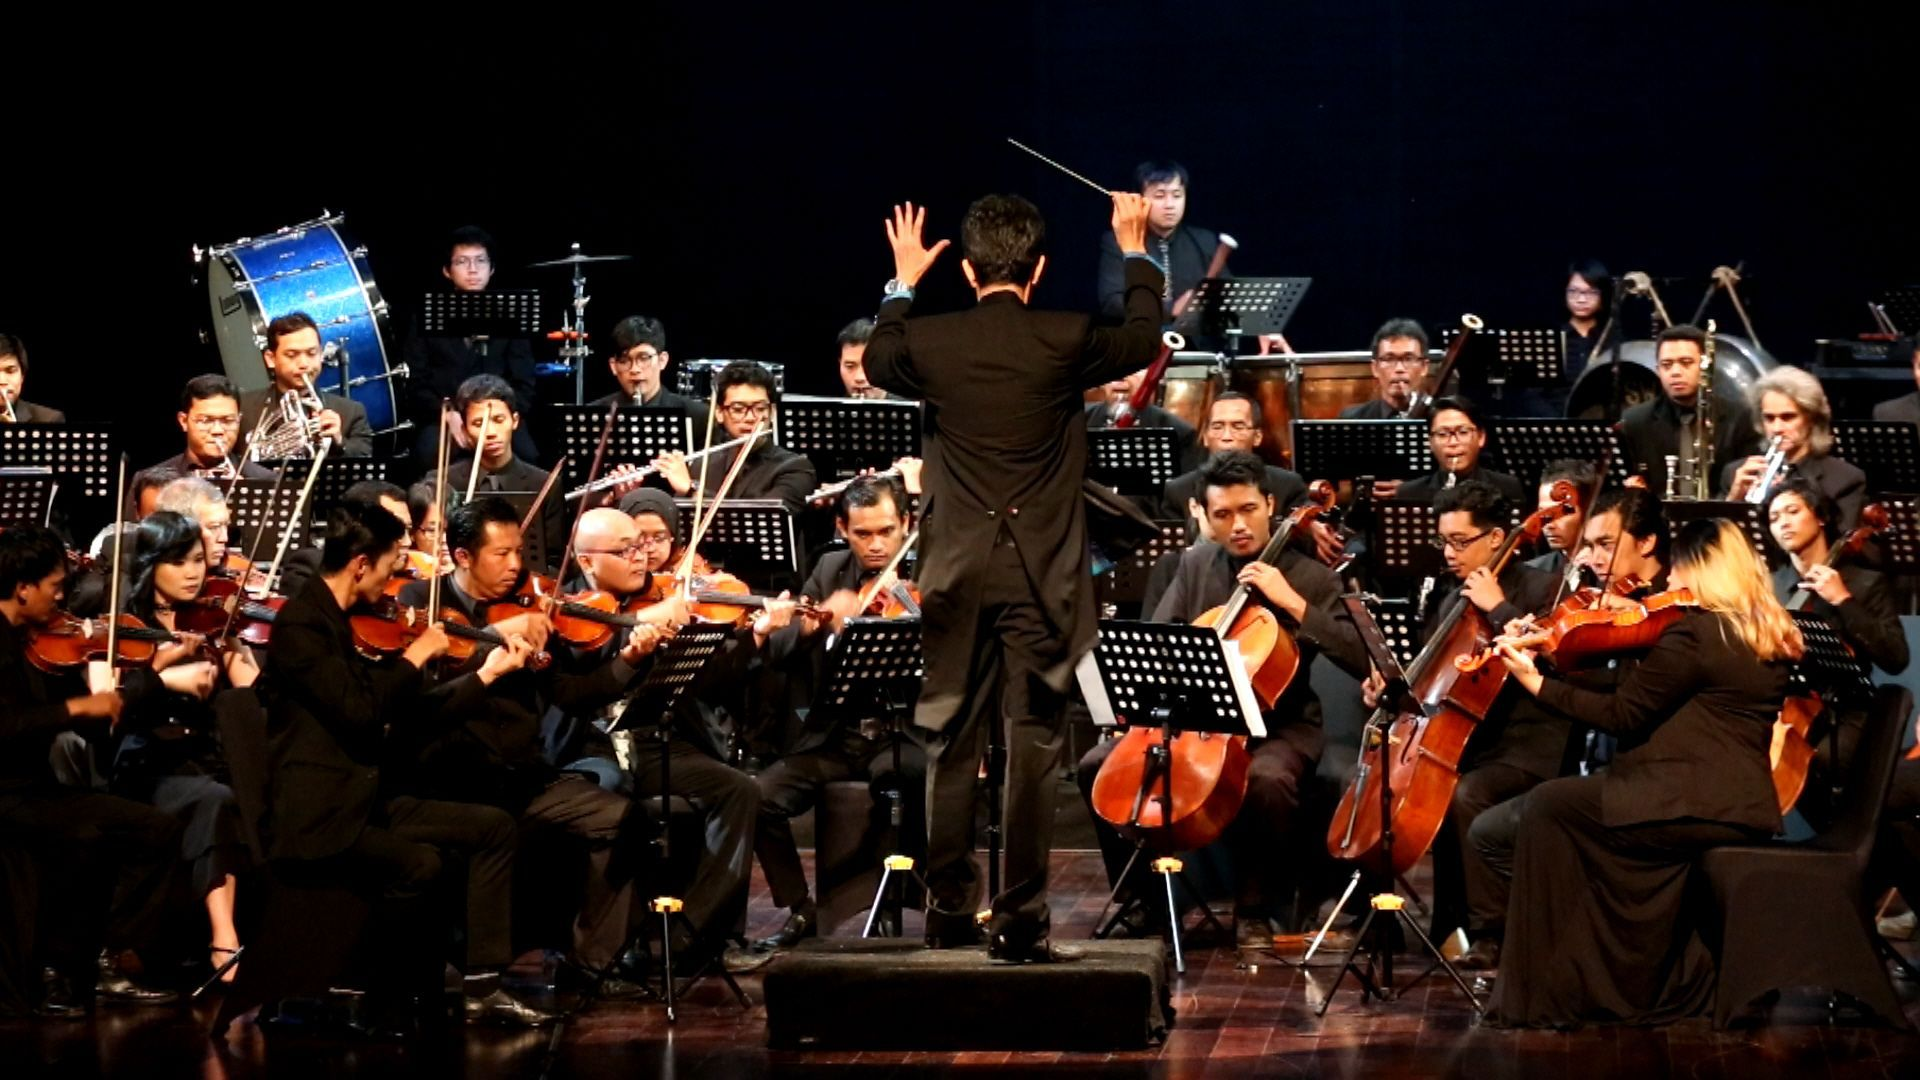 Tipe Karakteristik Pria Berdasarkan Aliran Musik Menspire